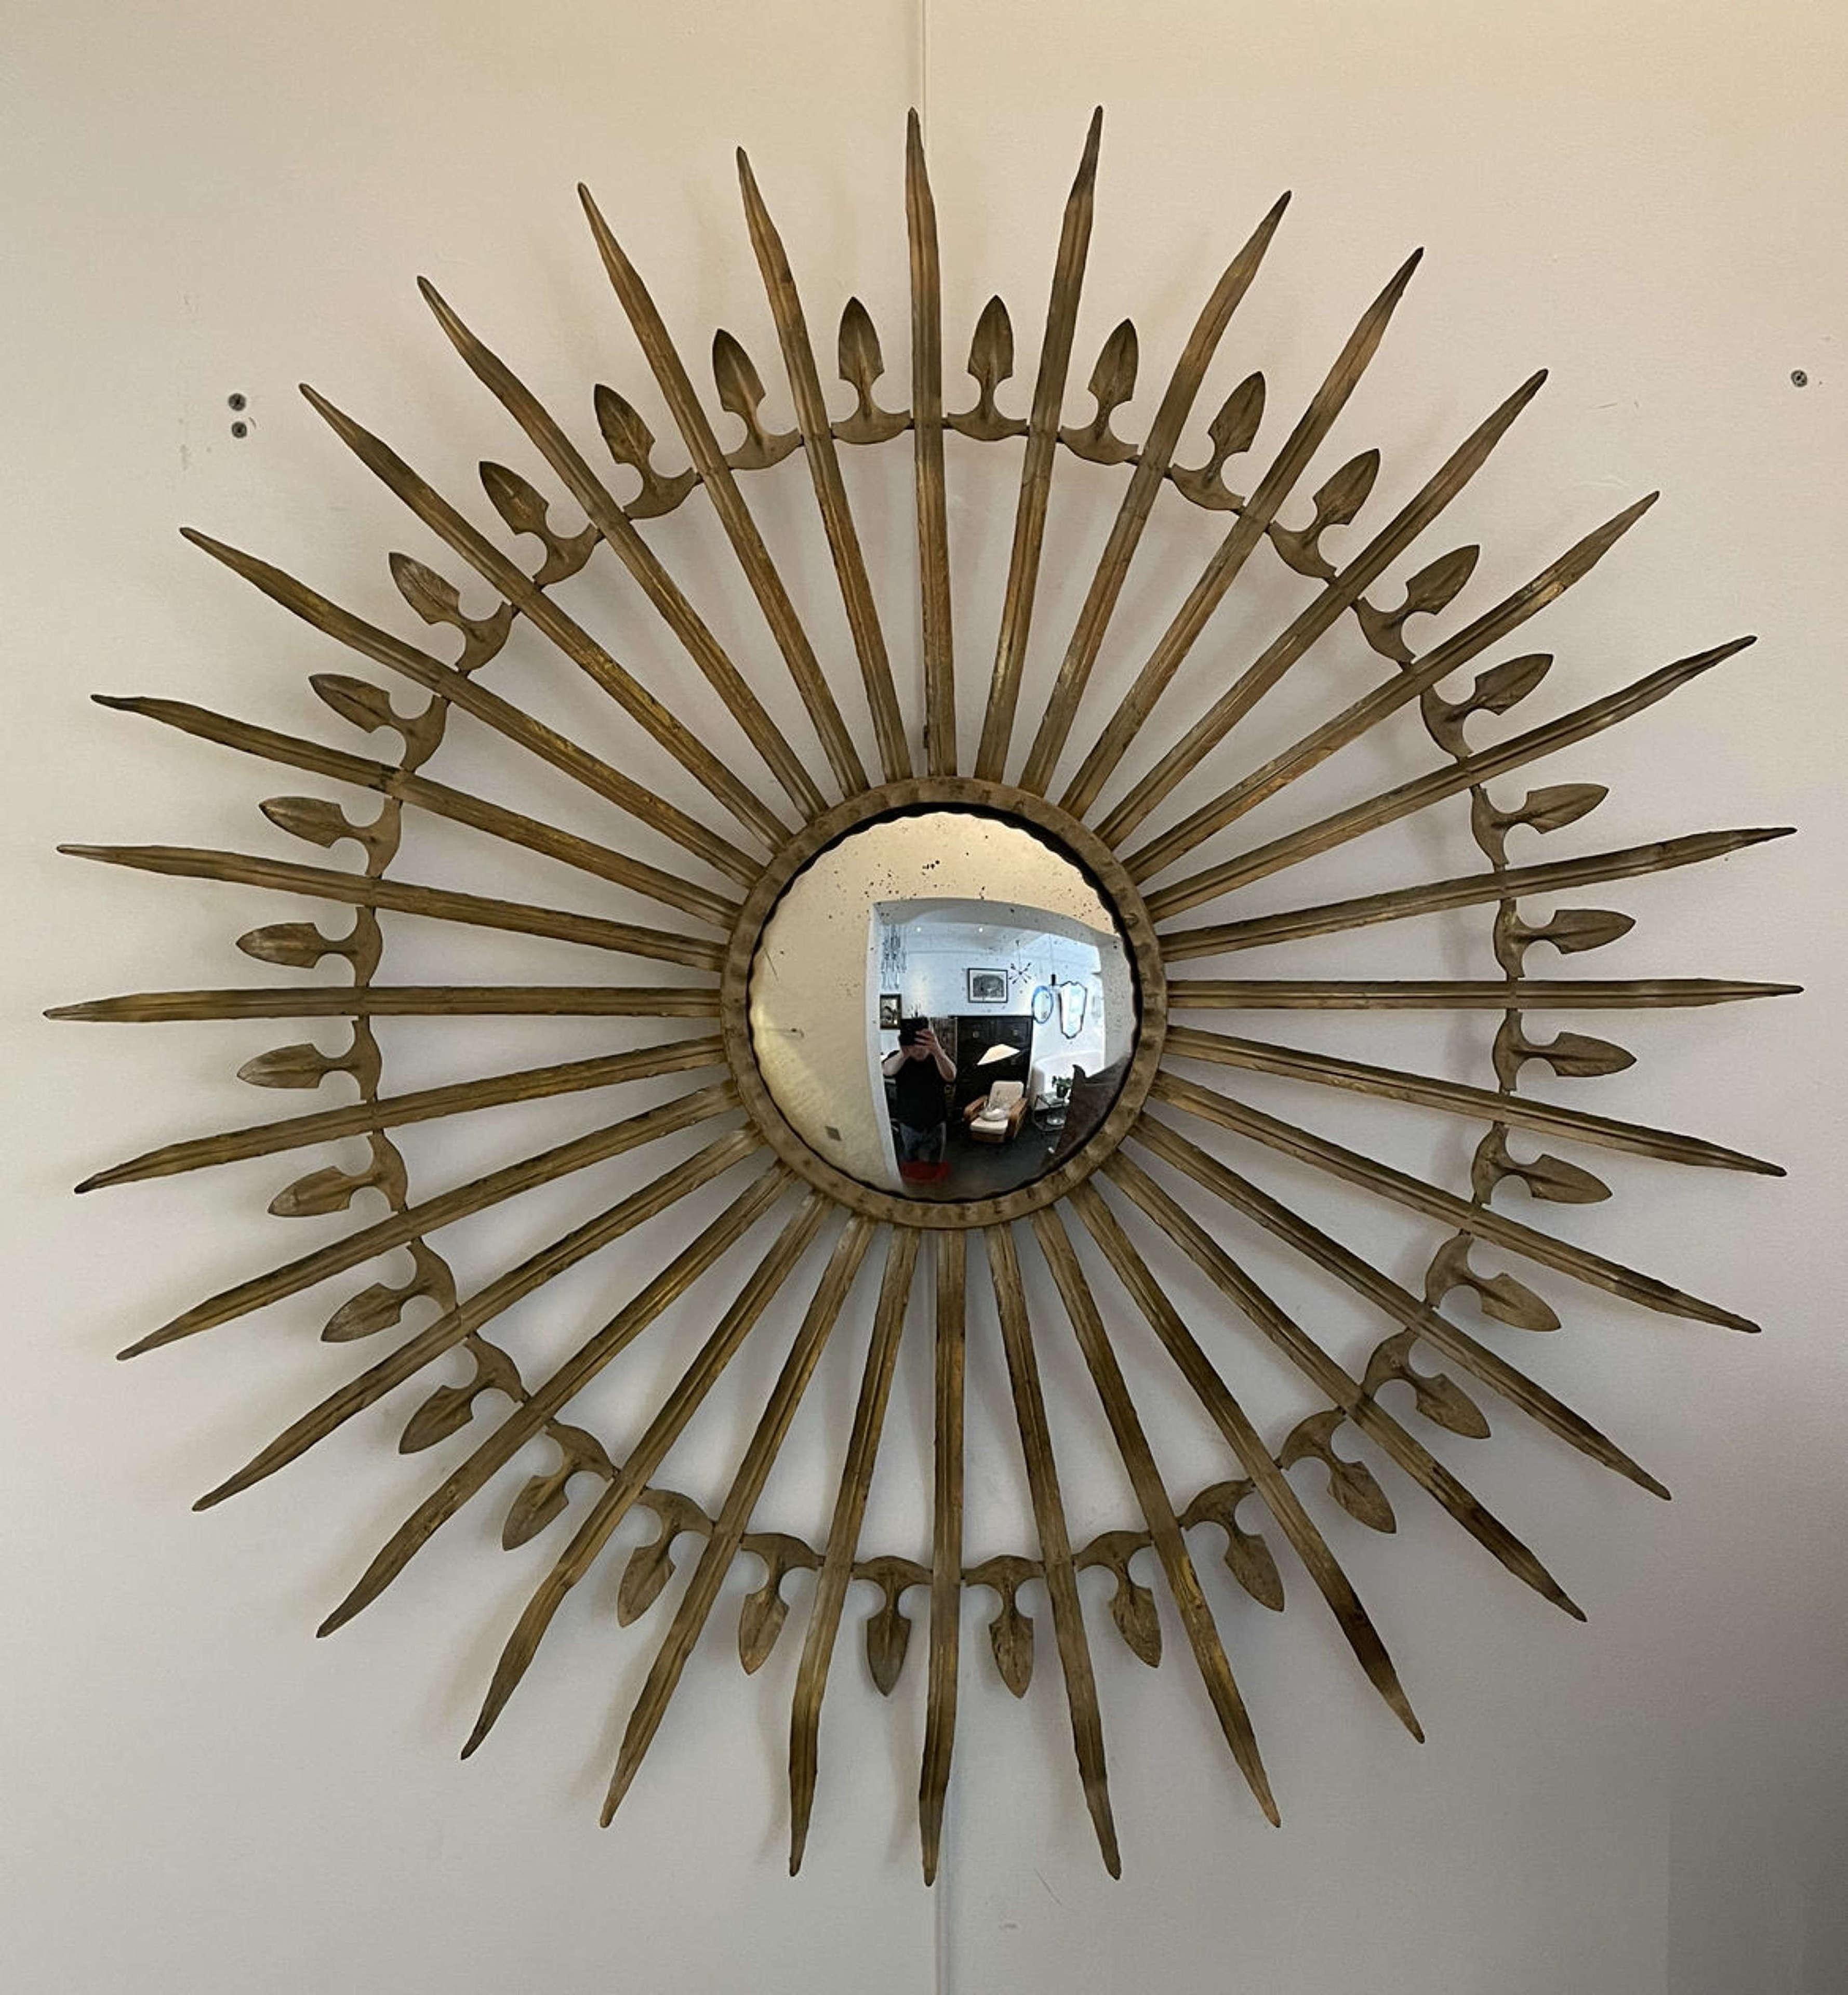 Spanish Mid Century Convex Gilt Metal Sunburst Mirror - 101cm